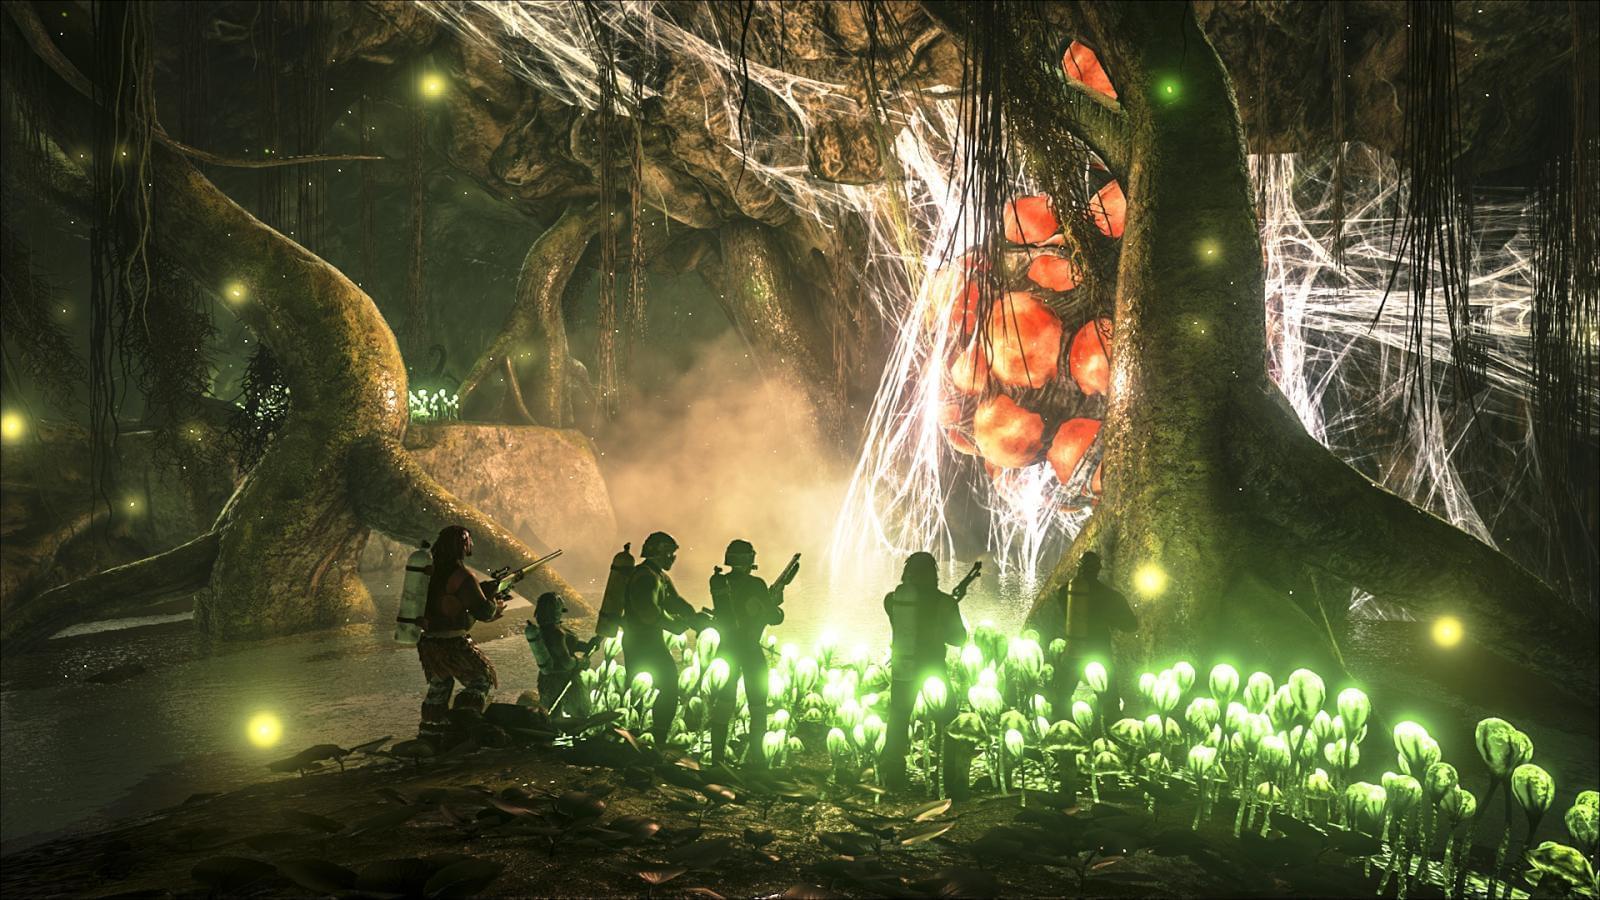 Игра про динозавров Ark Park наконец выходит 22 марта